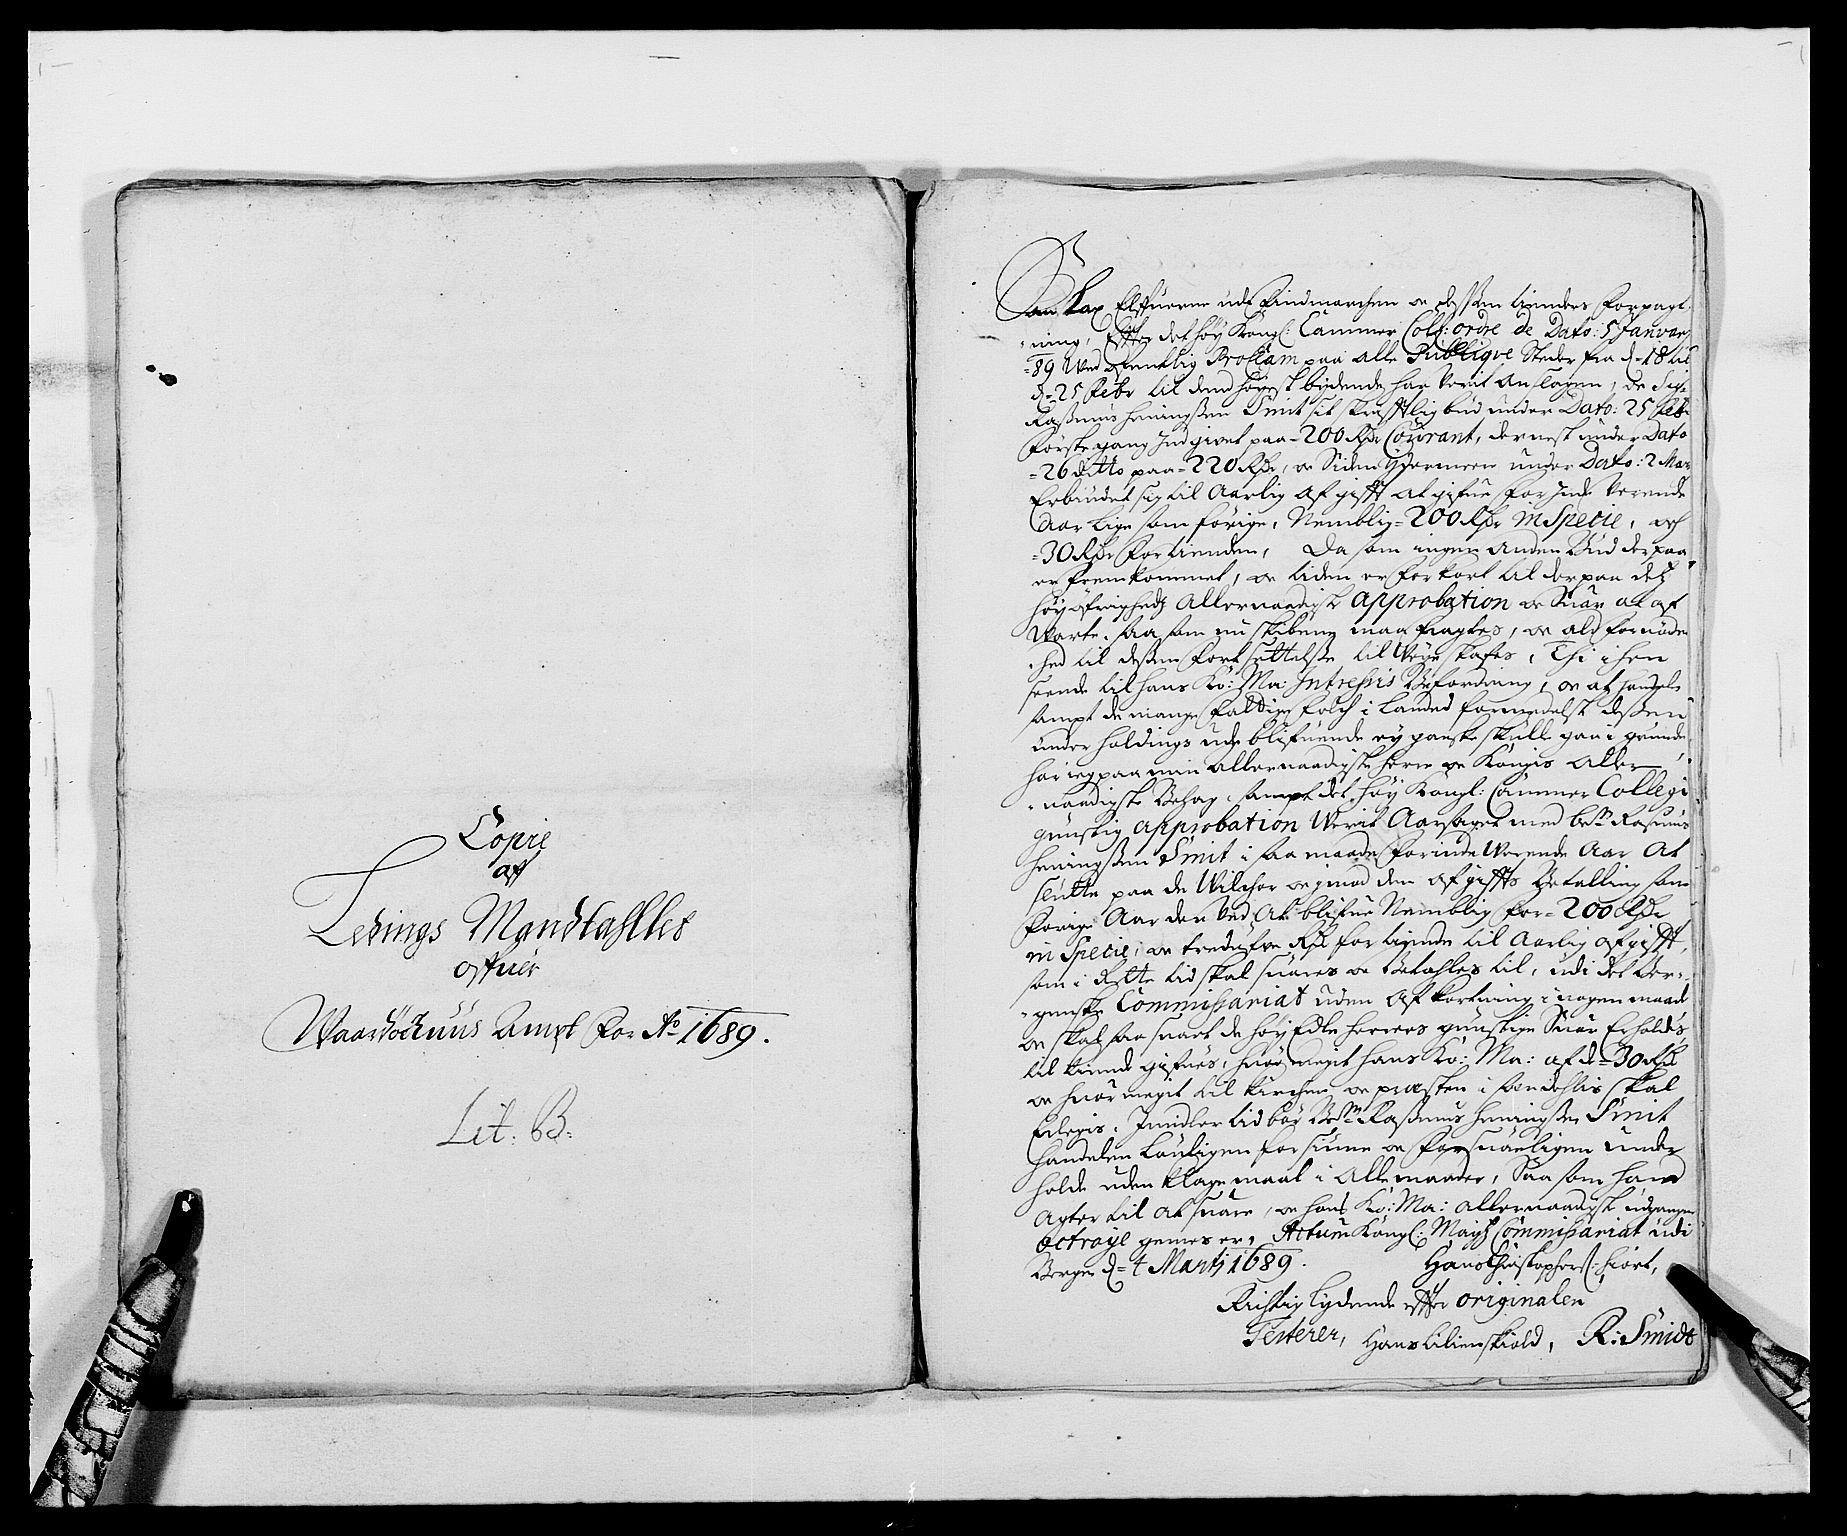 RA, Rentekammeret inntil 1814, Reviderte regnskaper, Fogderegnskap, R69/L4850: Fogderegnskap Finnmark/Vardøhus, 1680-1690, s. 145